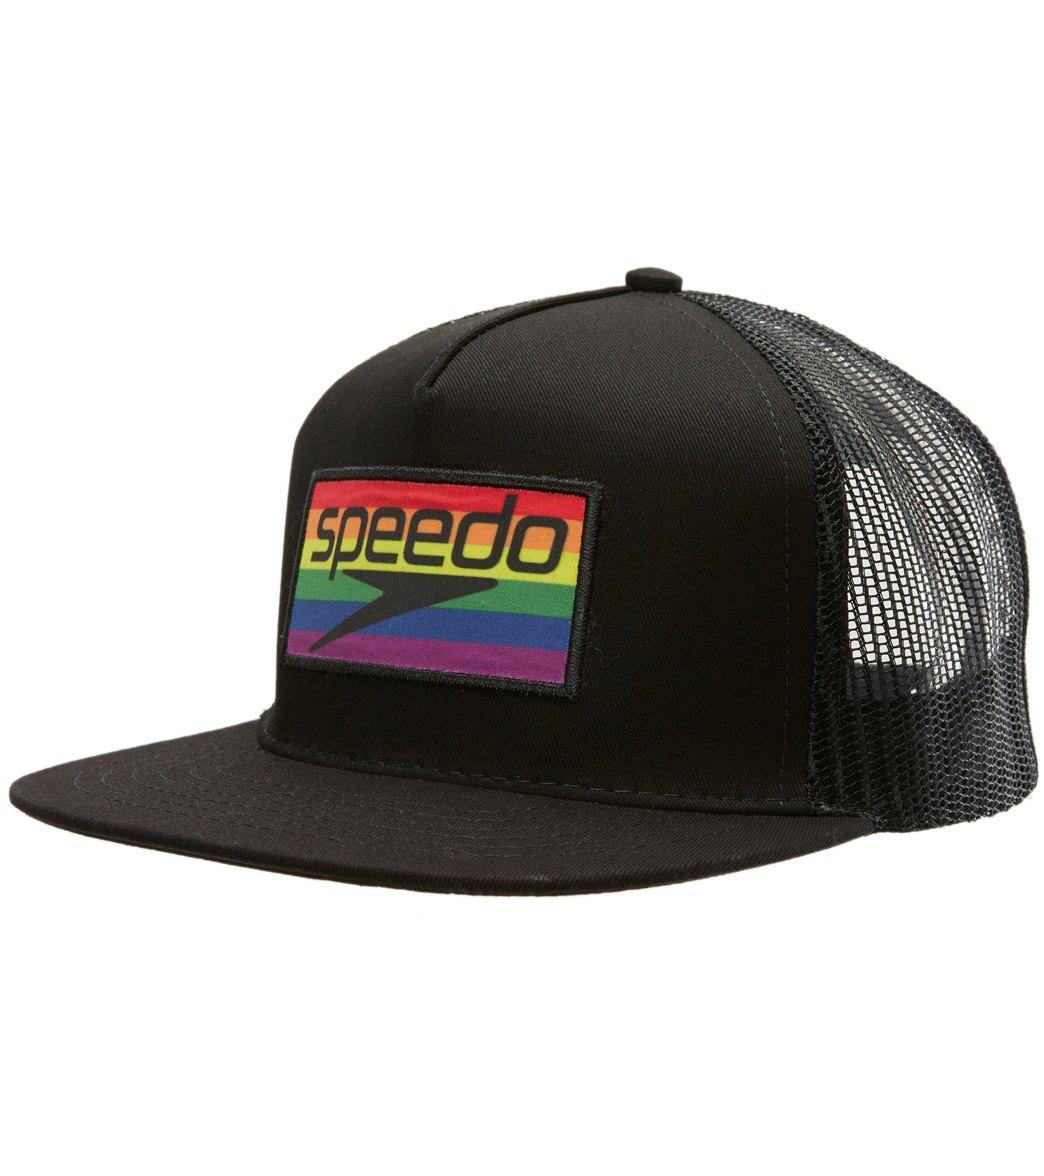 8d3f765d0b582c Speedo Pride Trucker Hat at SwimOutlet.com